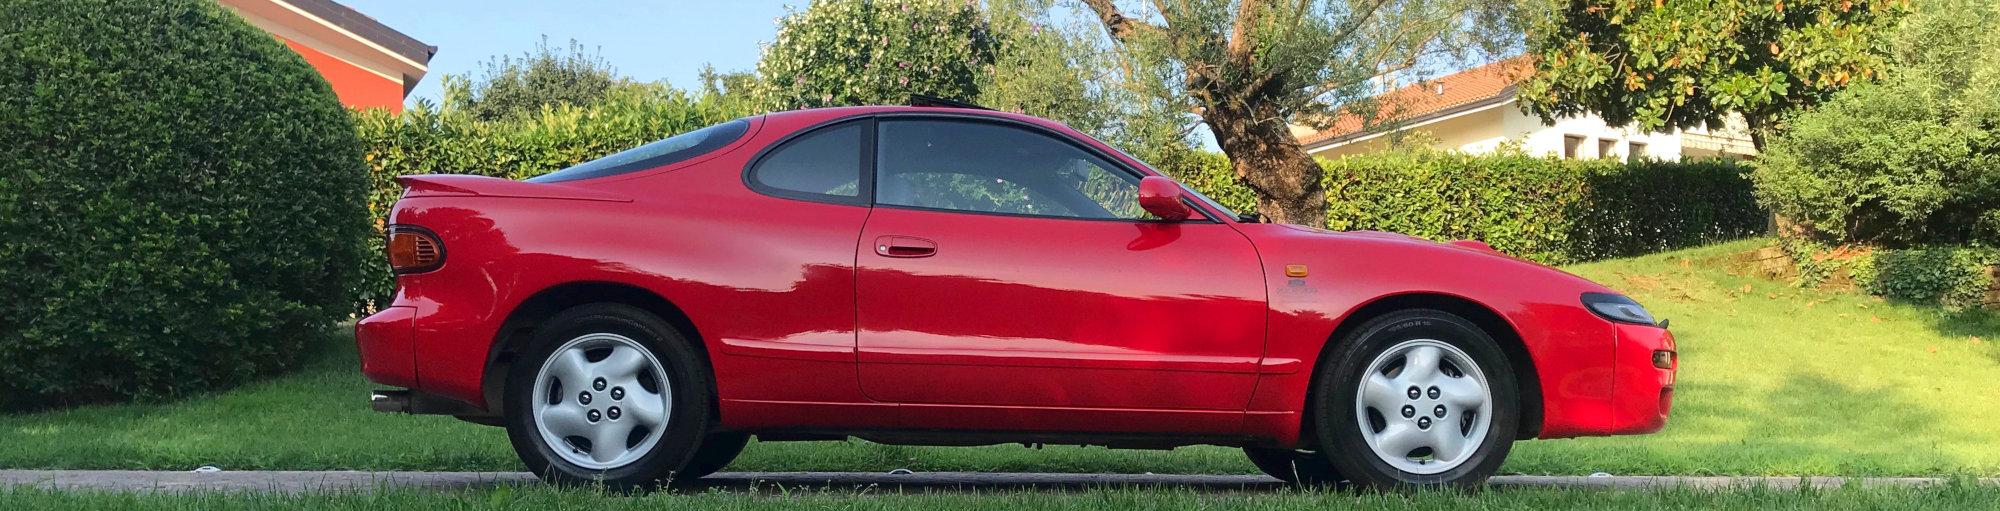 Laterale della Toyota Celica Turbo 4WD Carlos Sainz in vendita - PASSIONE CLASSICA